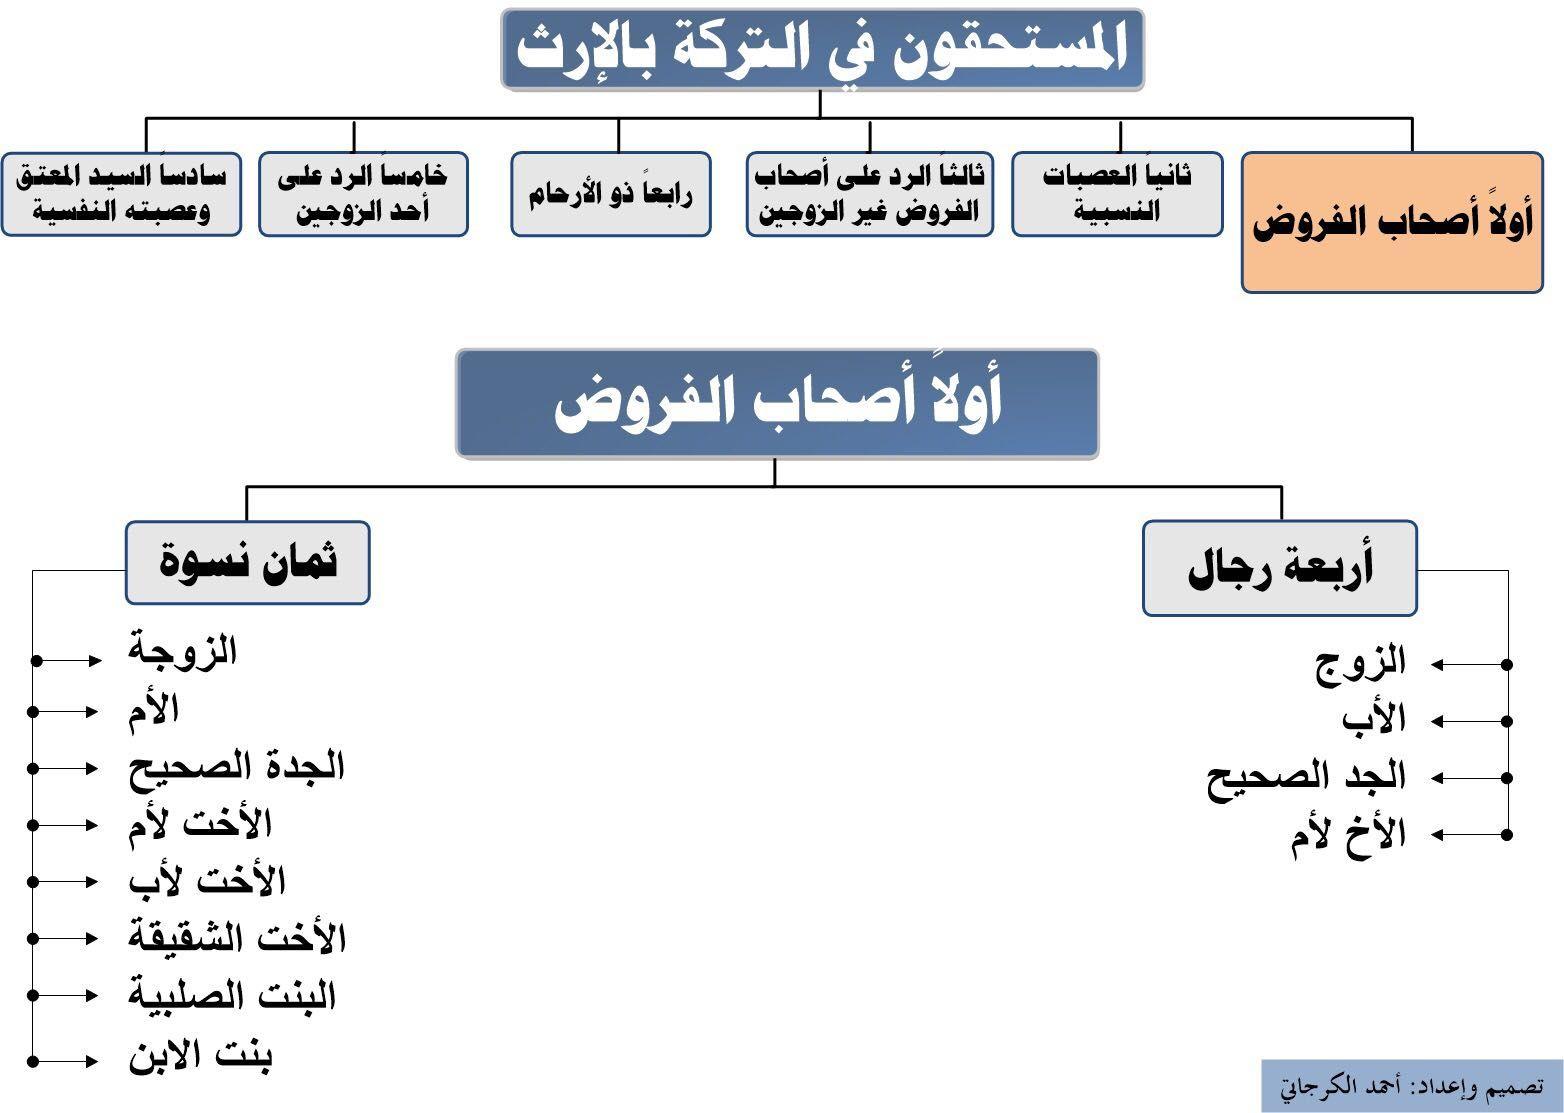 علم المواريث ٤ School Inheritance Law